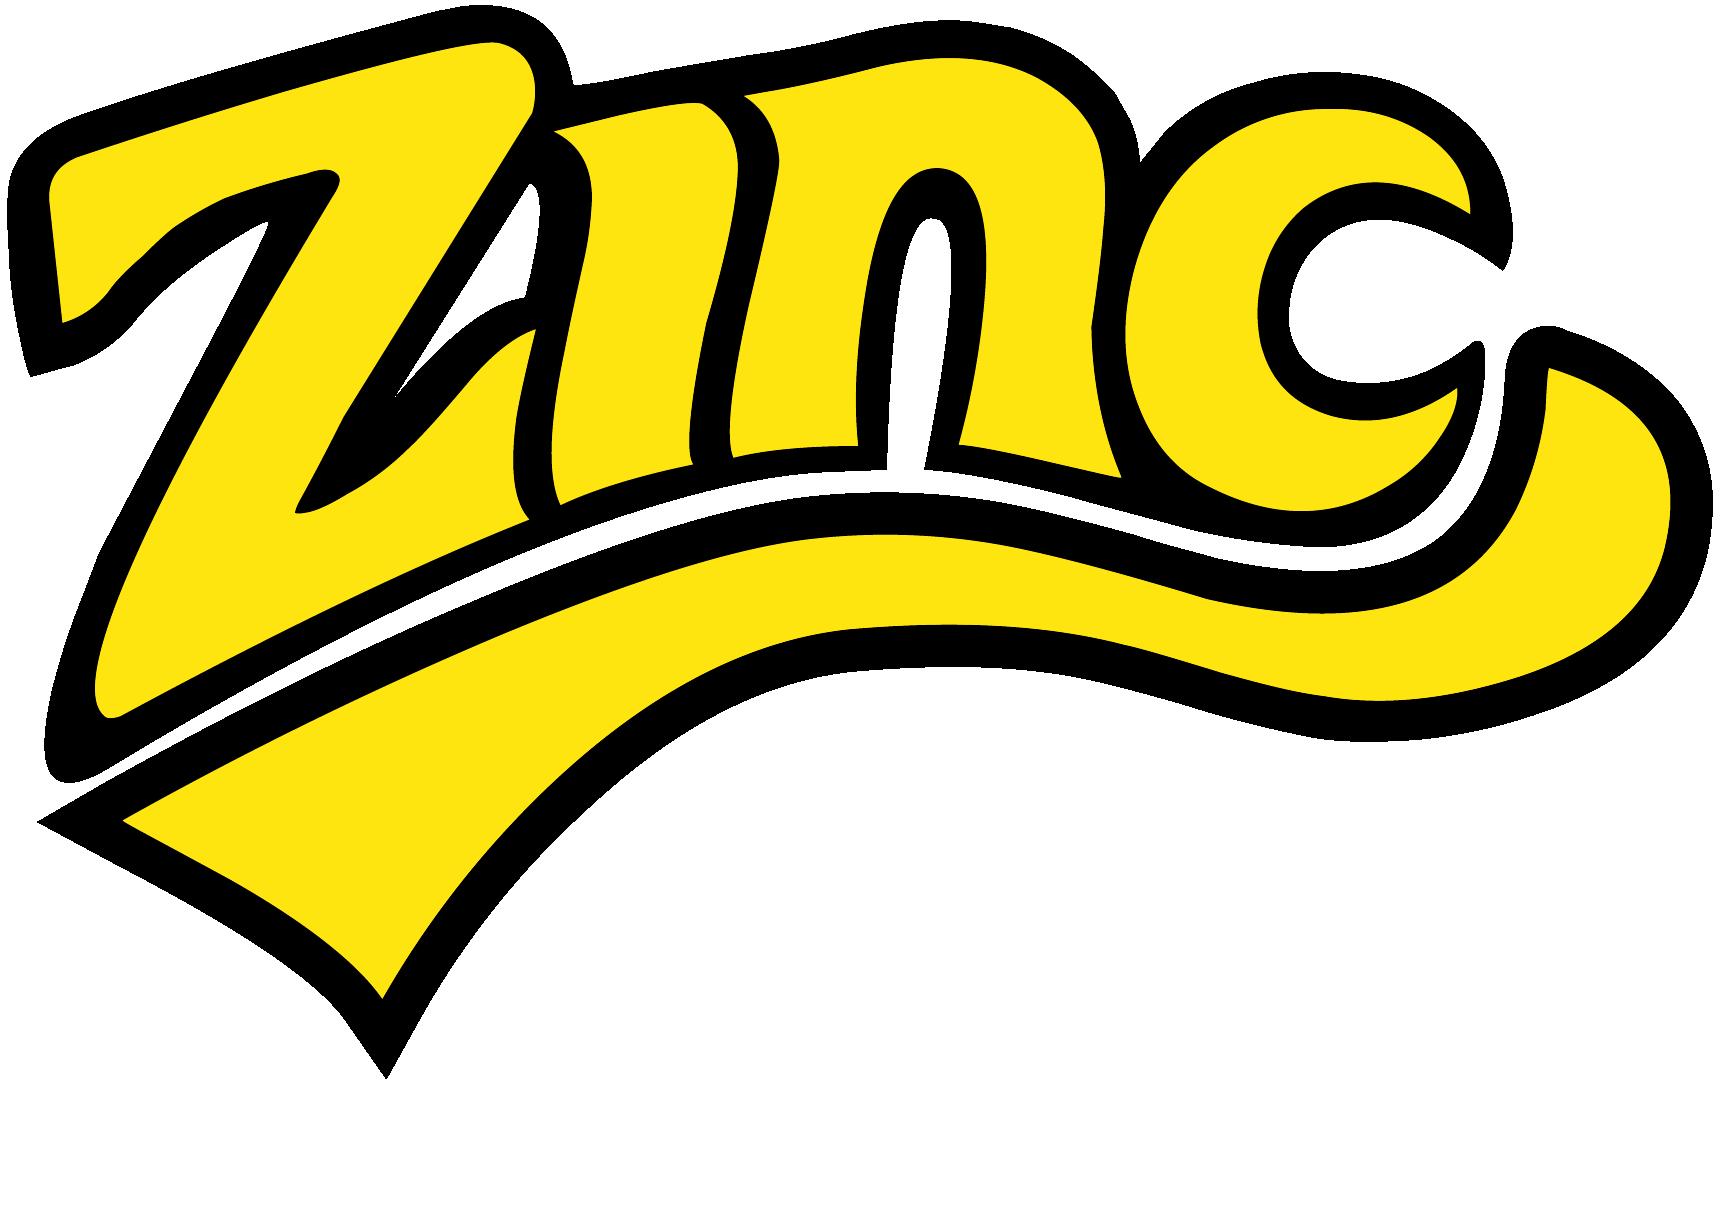 Zinc 96.1